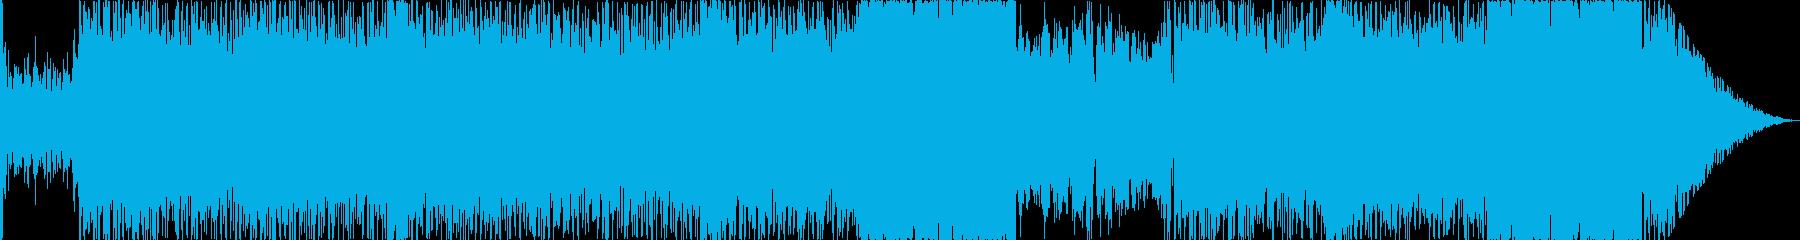 神秘的で不思議な雰囲気のBGM2の再生済みの波形